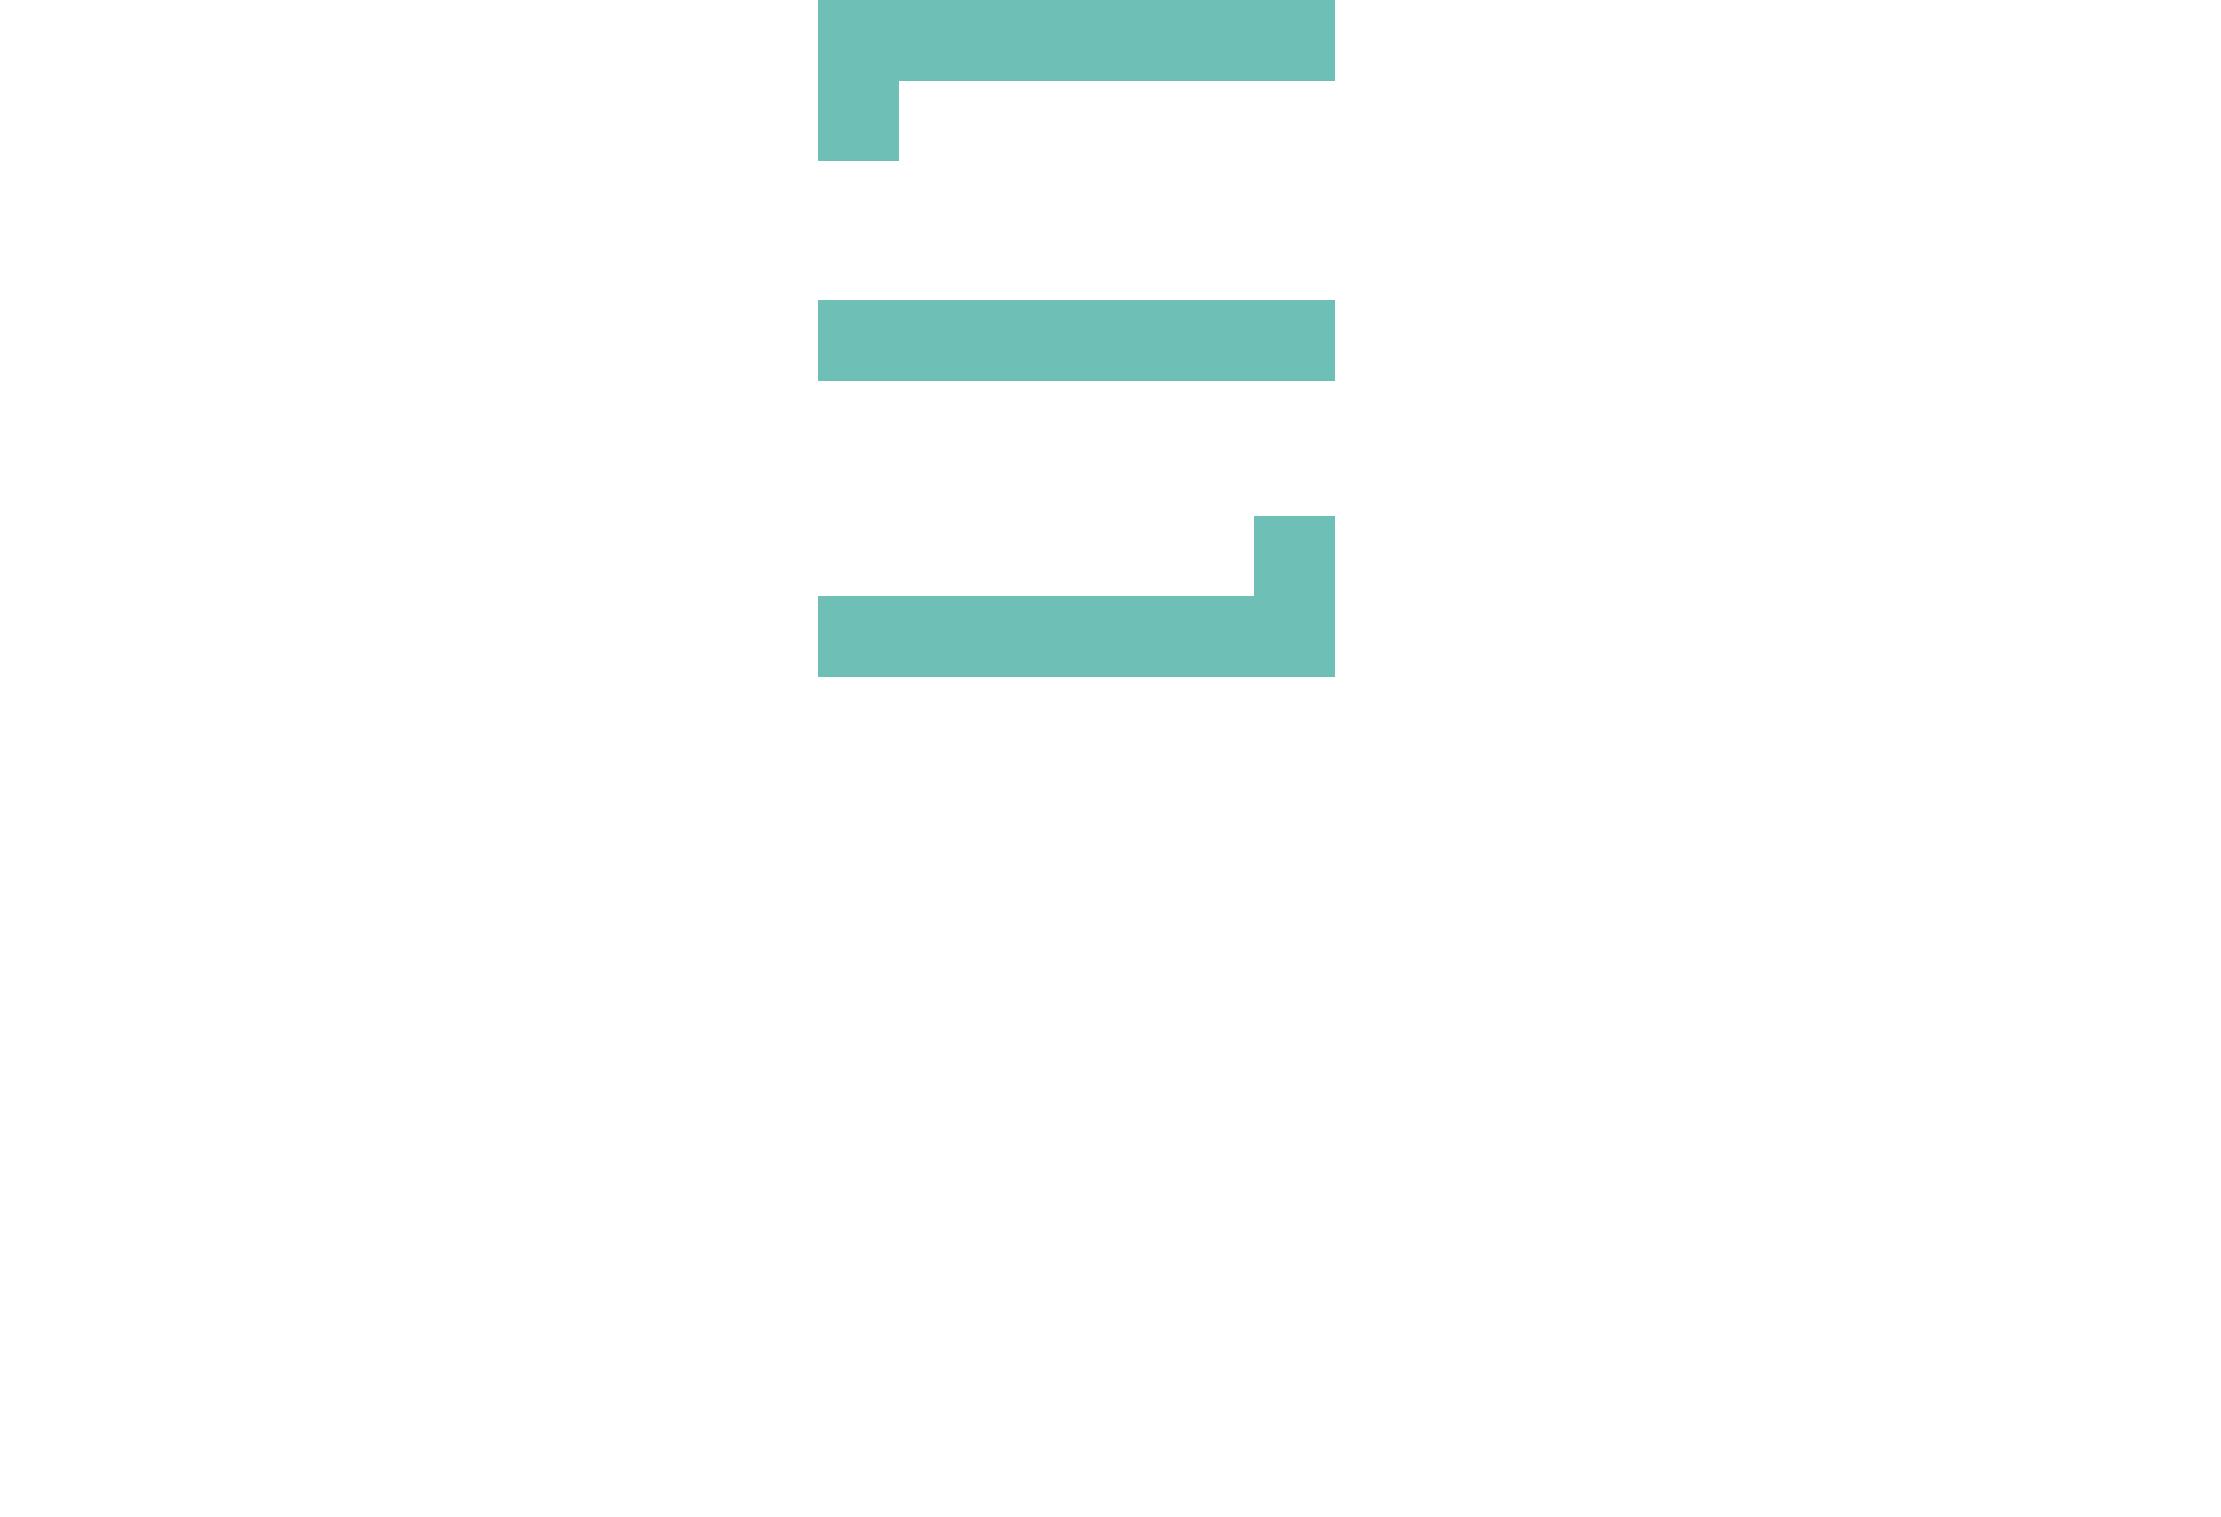 Essence Smiles